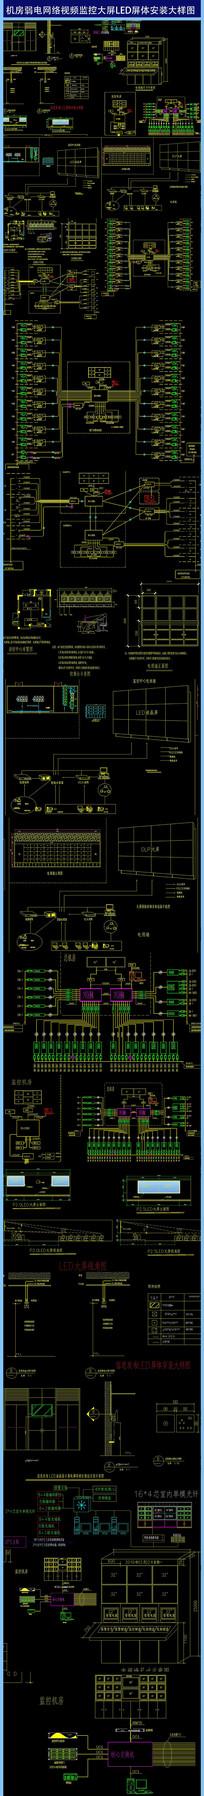 机房弱电网络视频监控大屏LED屏体大样